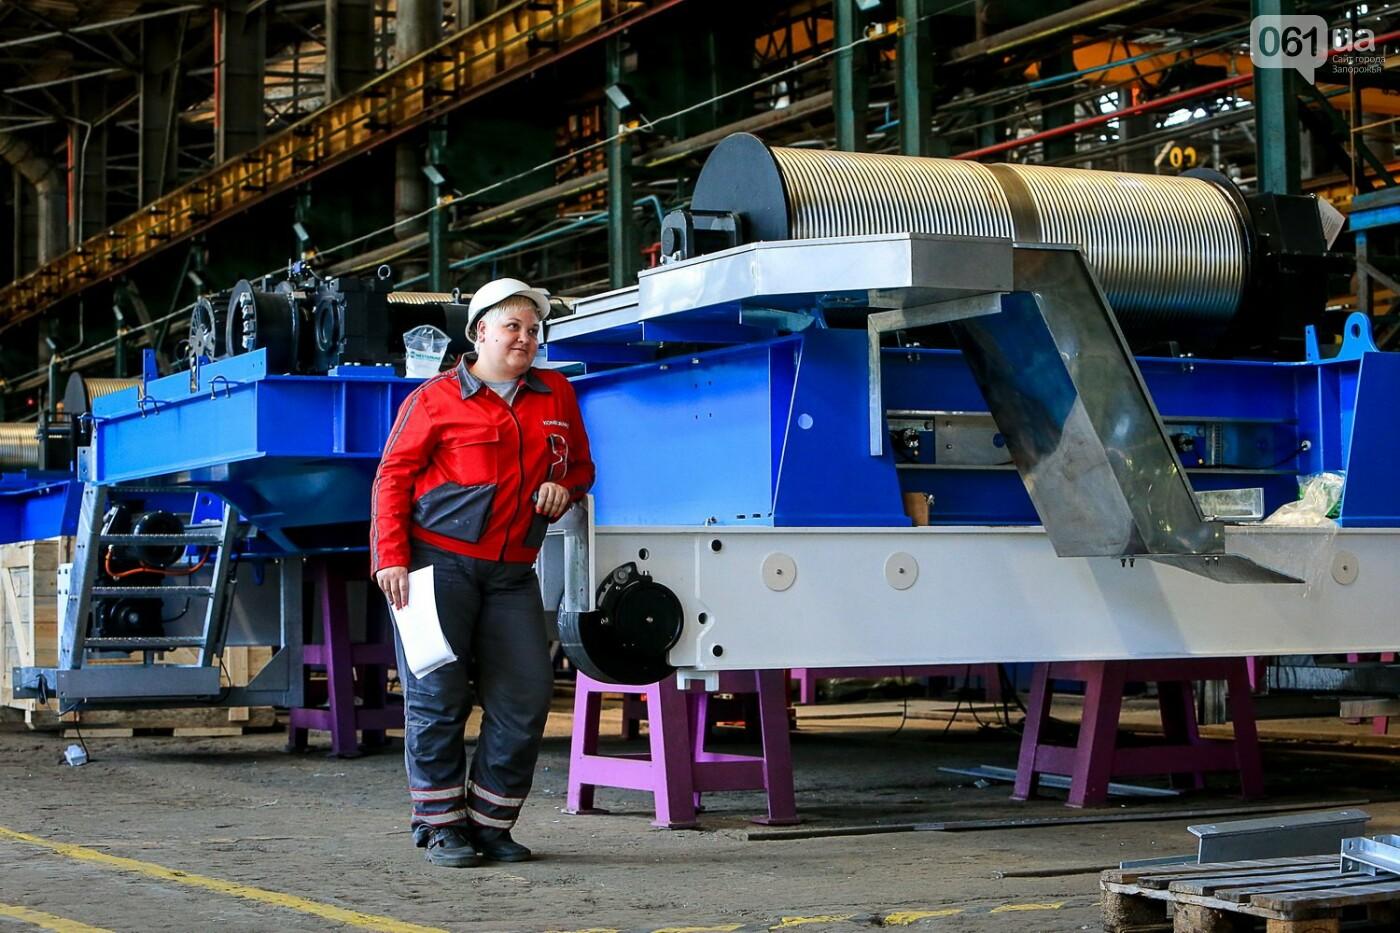 Как в Запорожье работает крупнейший в Европе завод по производству кранов: экскурсия на производство, — ФОТОРЕПОРТАЖ, фото-66